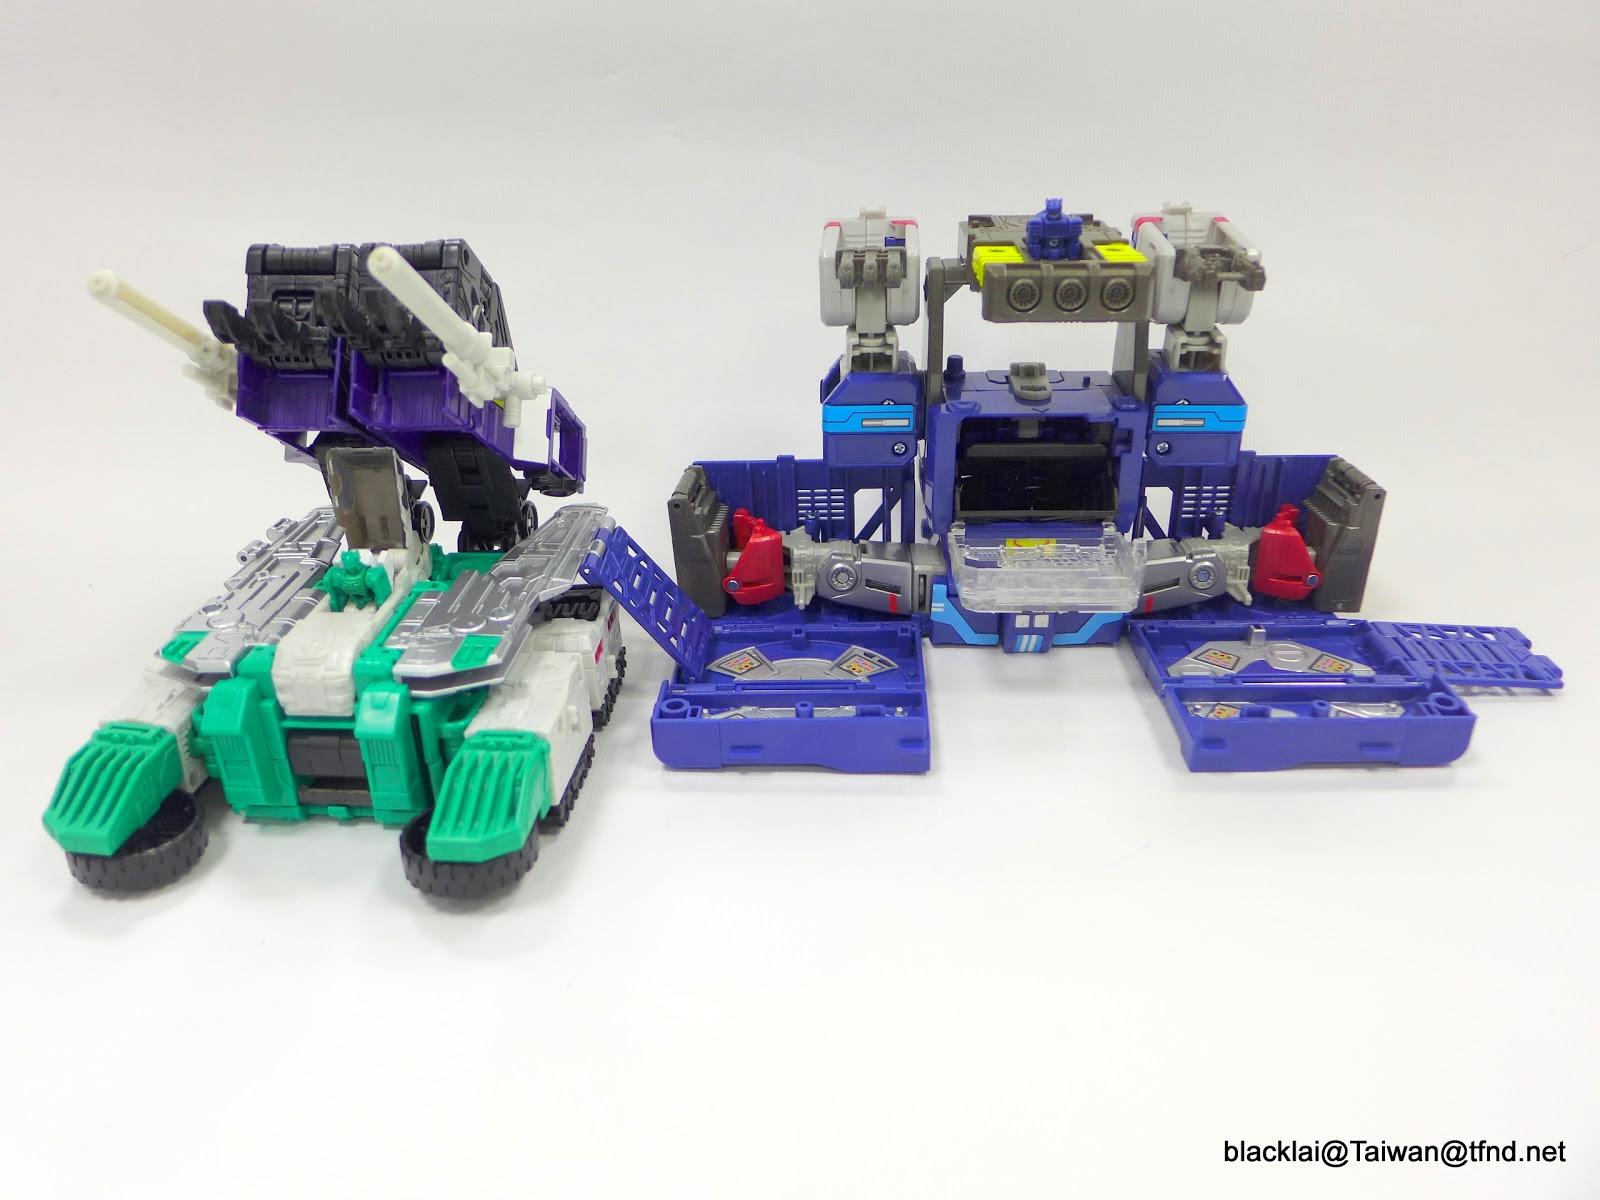 Jouets Transformers Generations: Nouveautés Hasbro - partie 2 - Page 40 P1510031